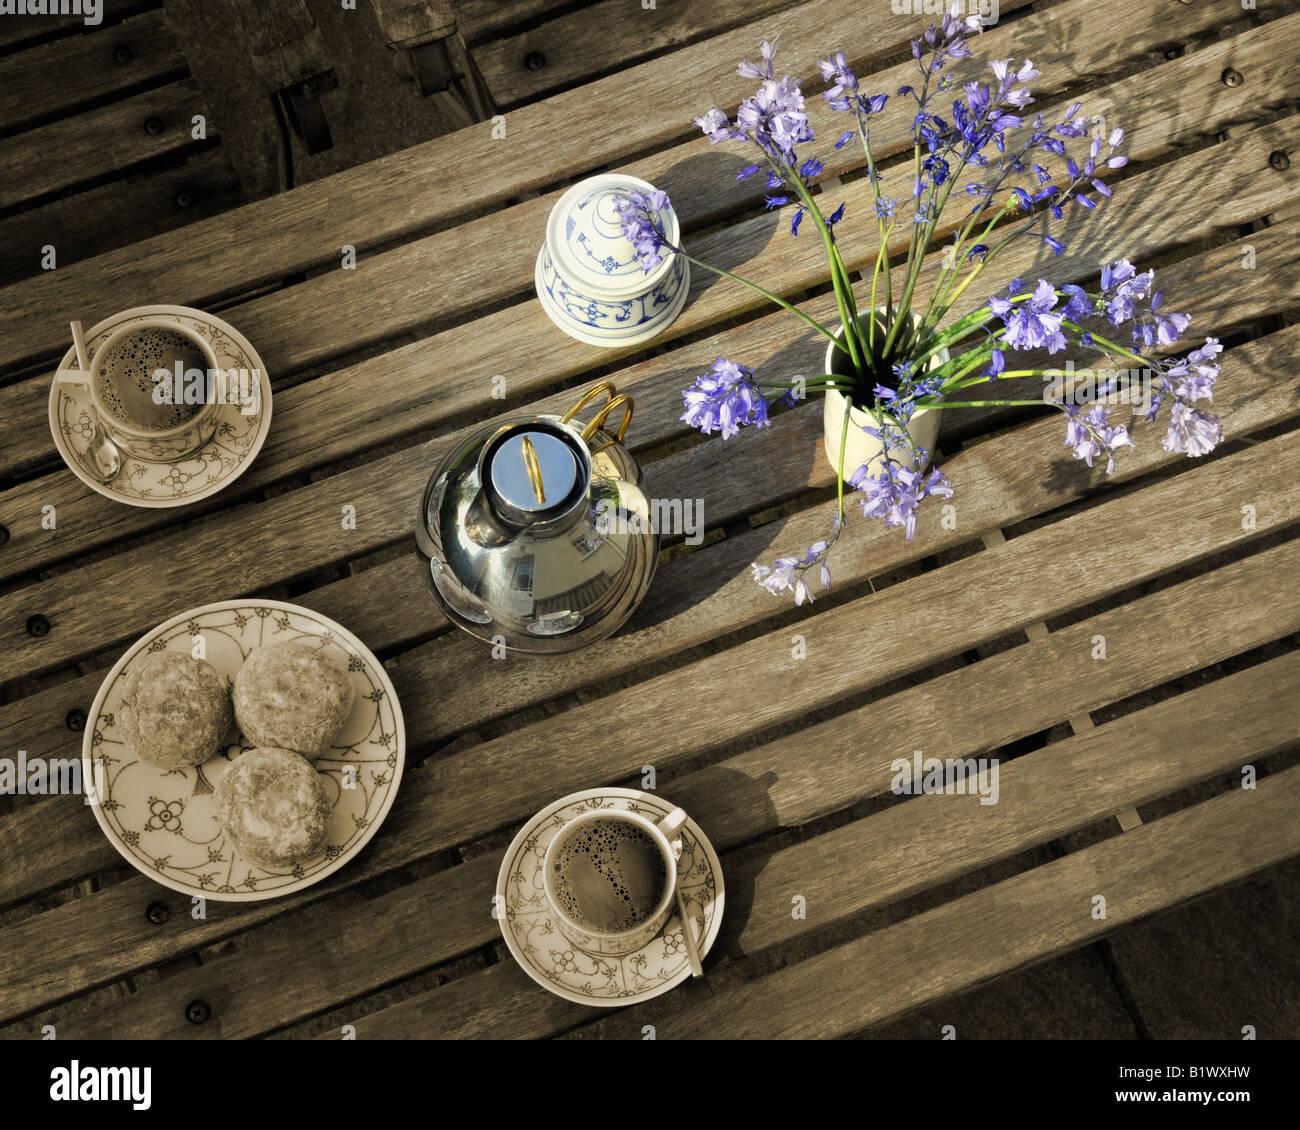 LIFESTYLE: Couchtisch mit Blumen Stockbild